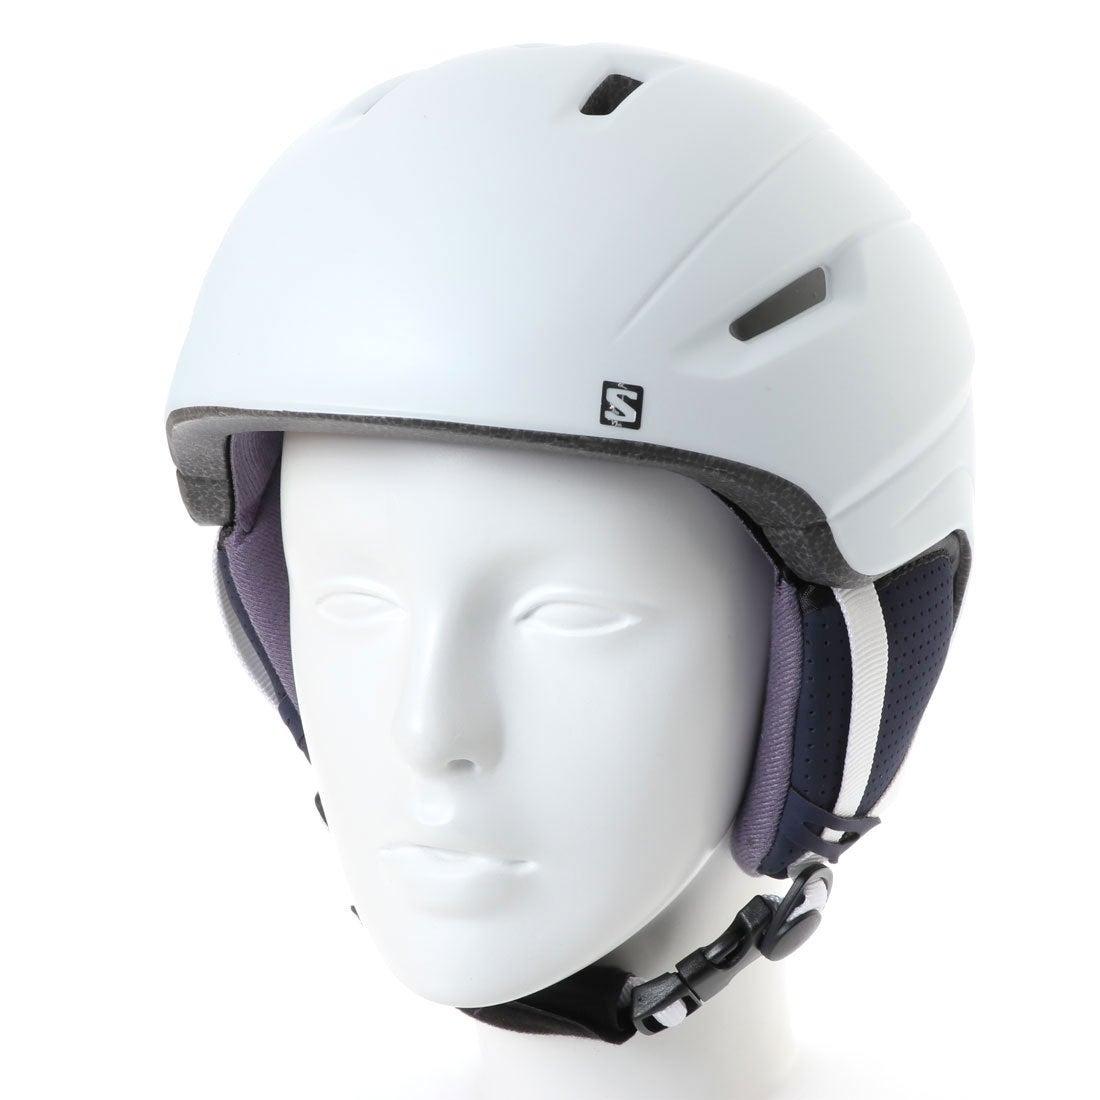 【SALE 20%OFF】サロモン Salomon ユニセックス スキー/スノーボード ヘルメット L39036000 181